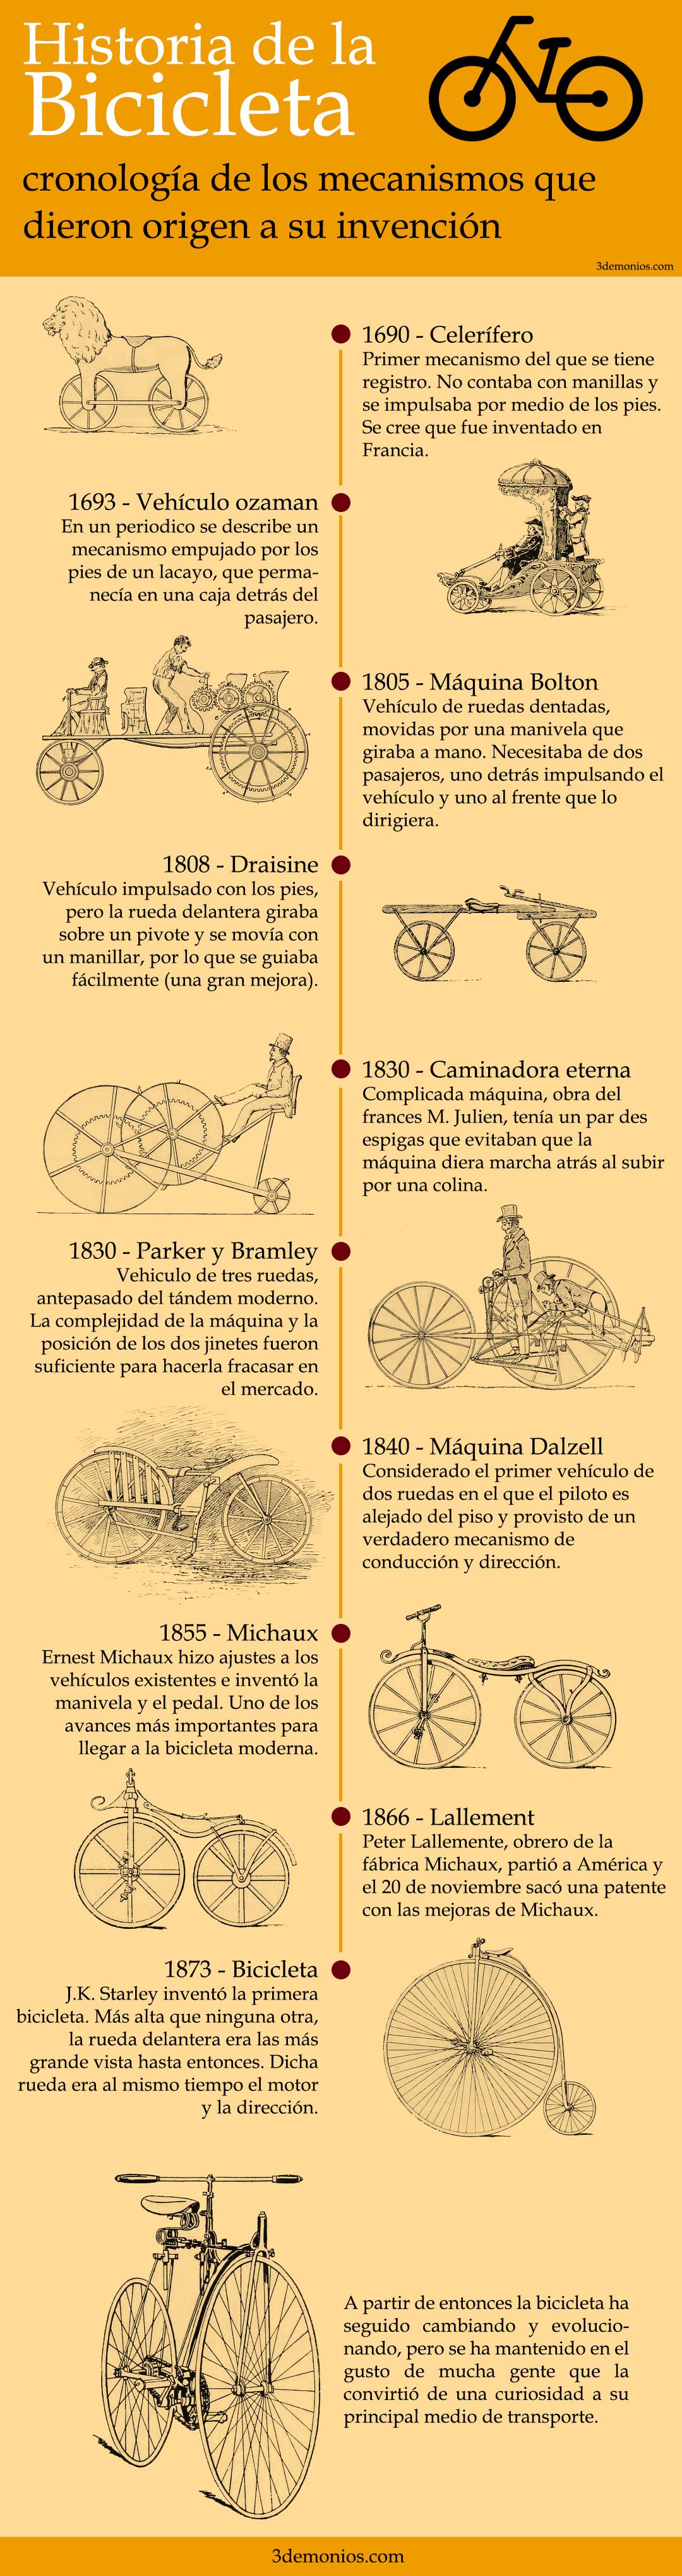 infografia de la bicicleta